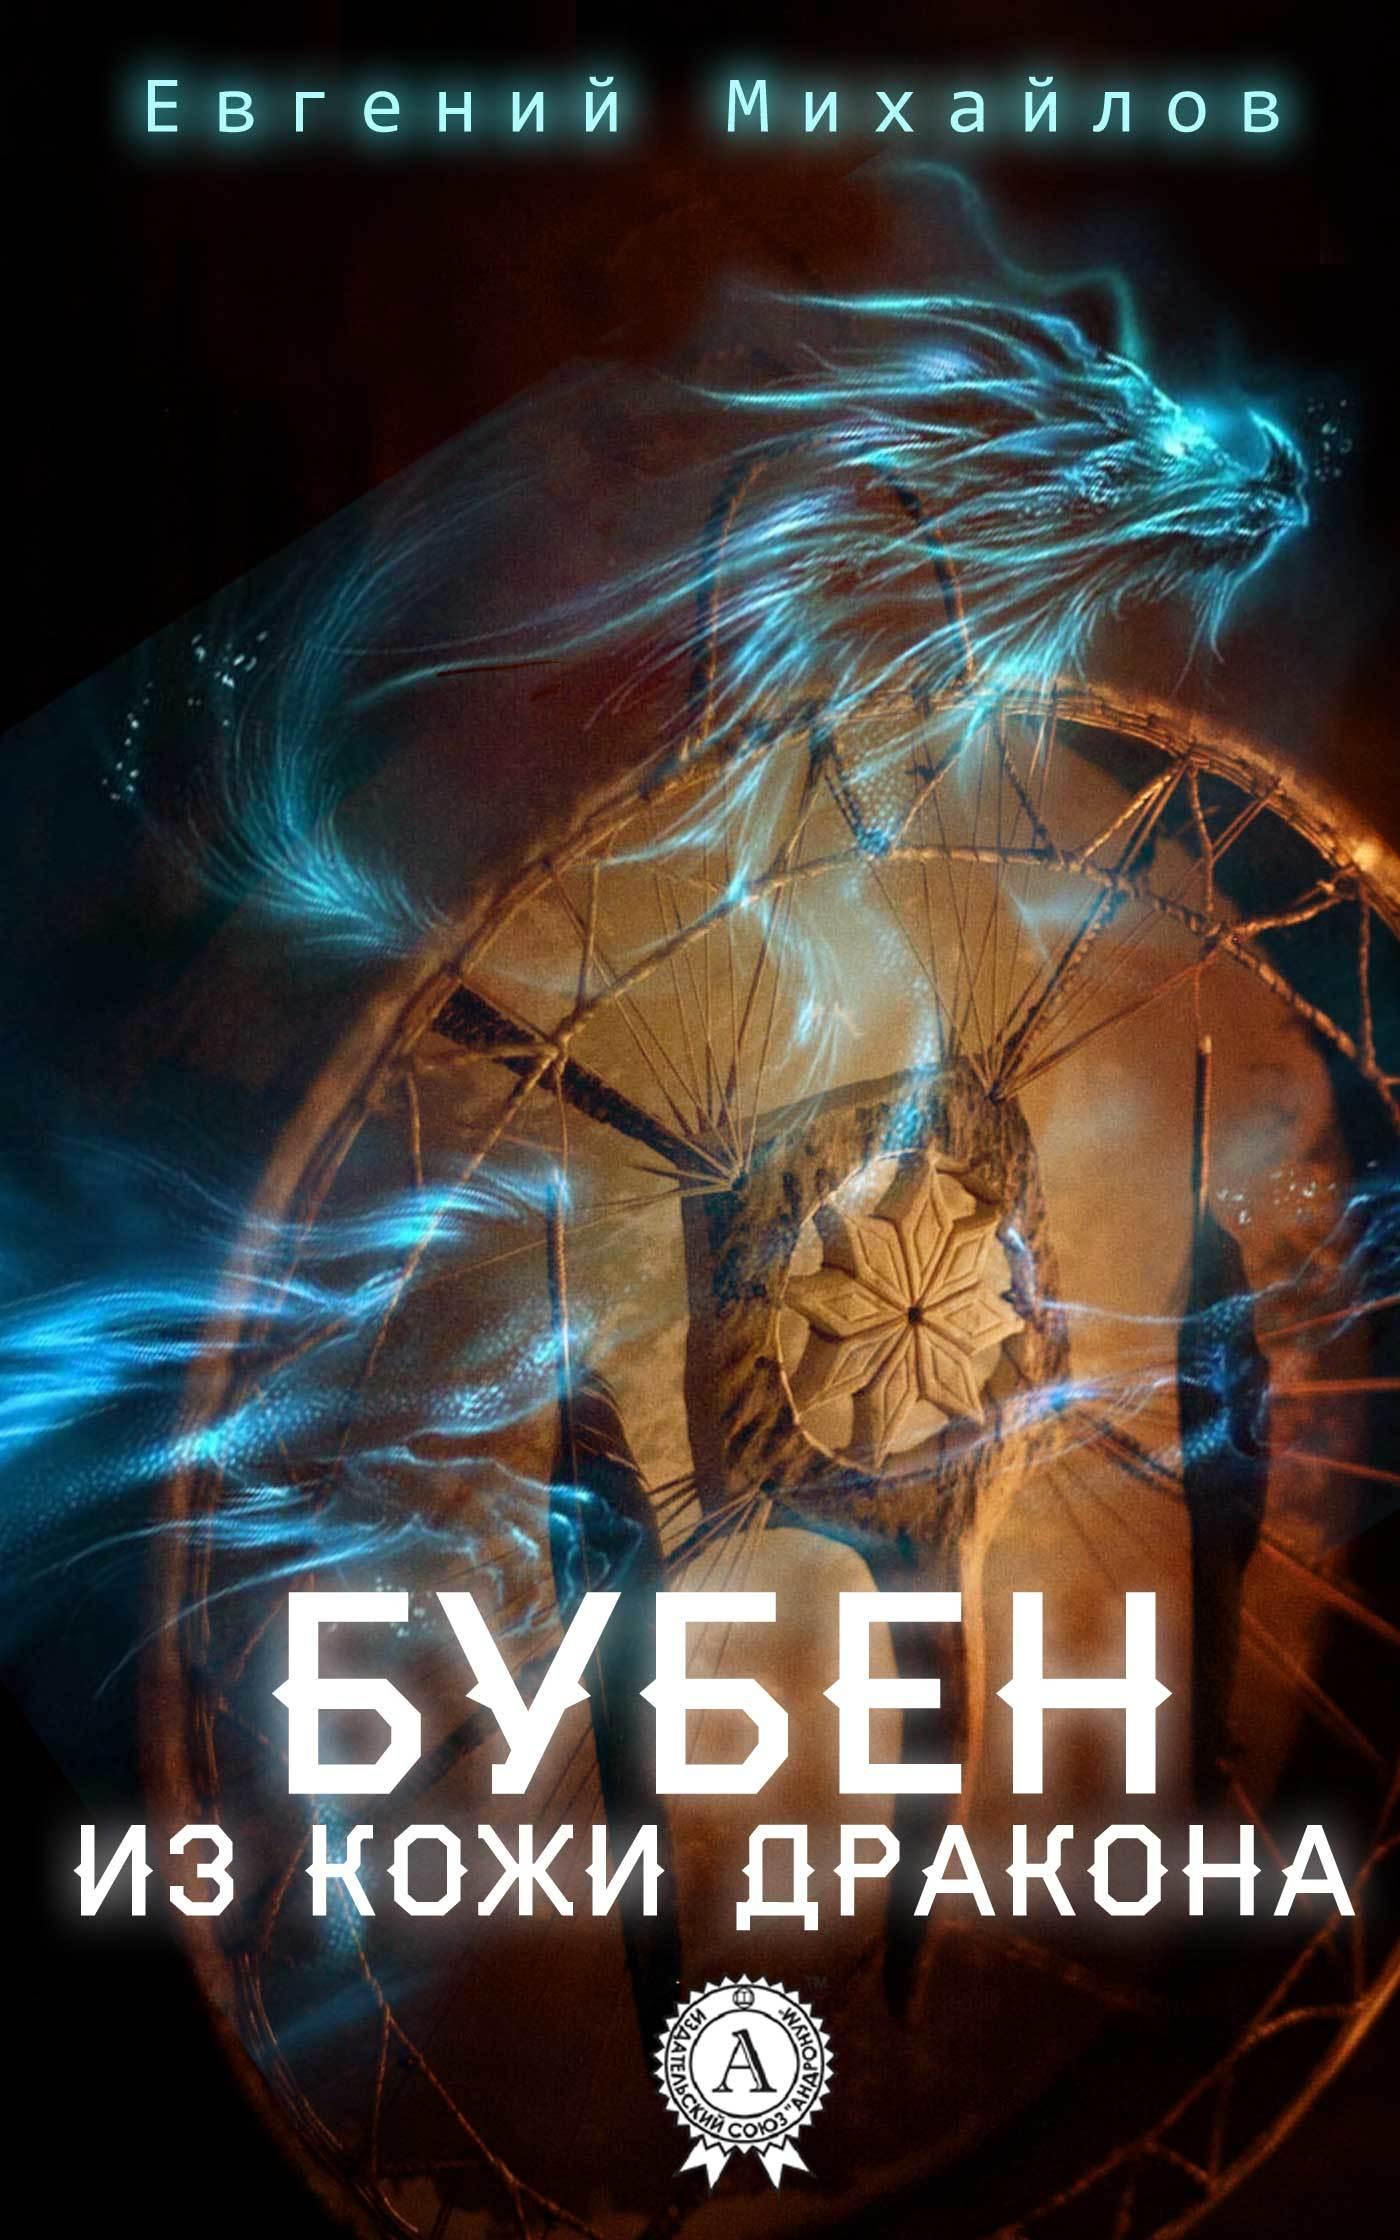 напряженная интрига в книге Евгений Михайлов